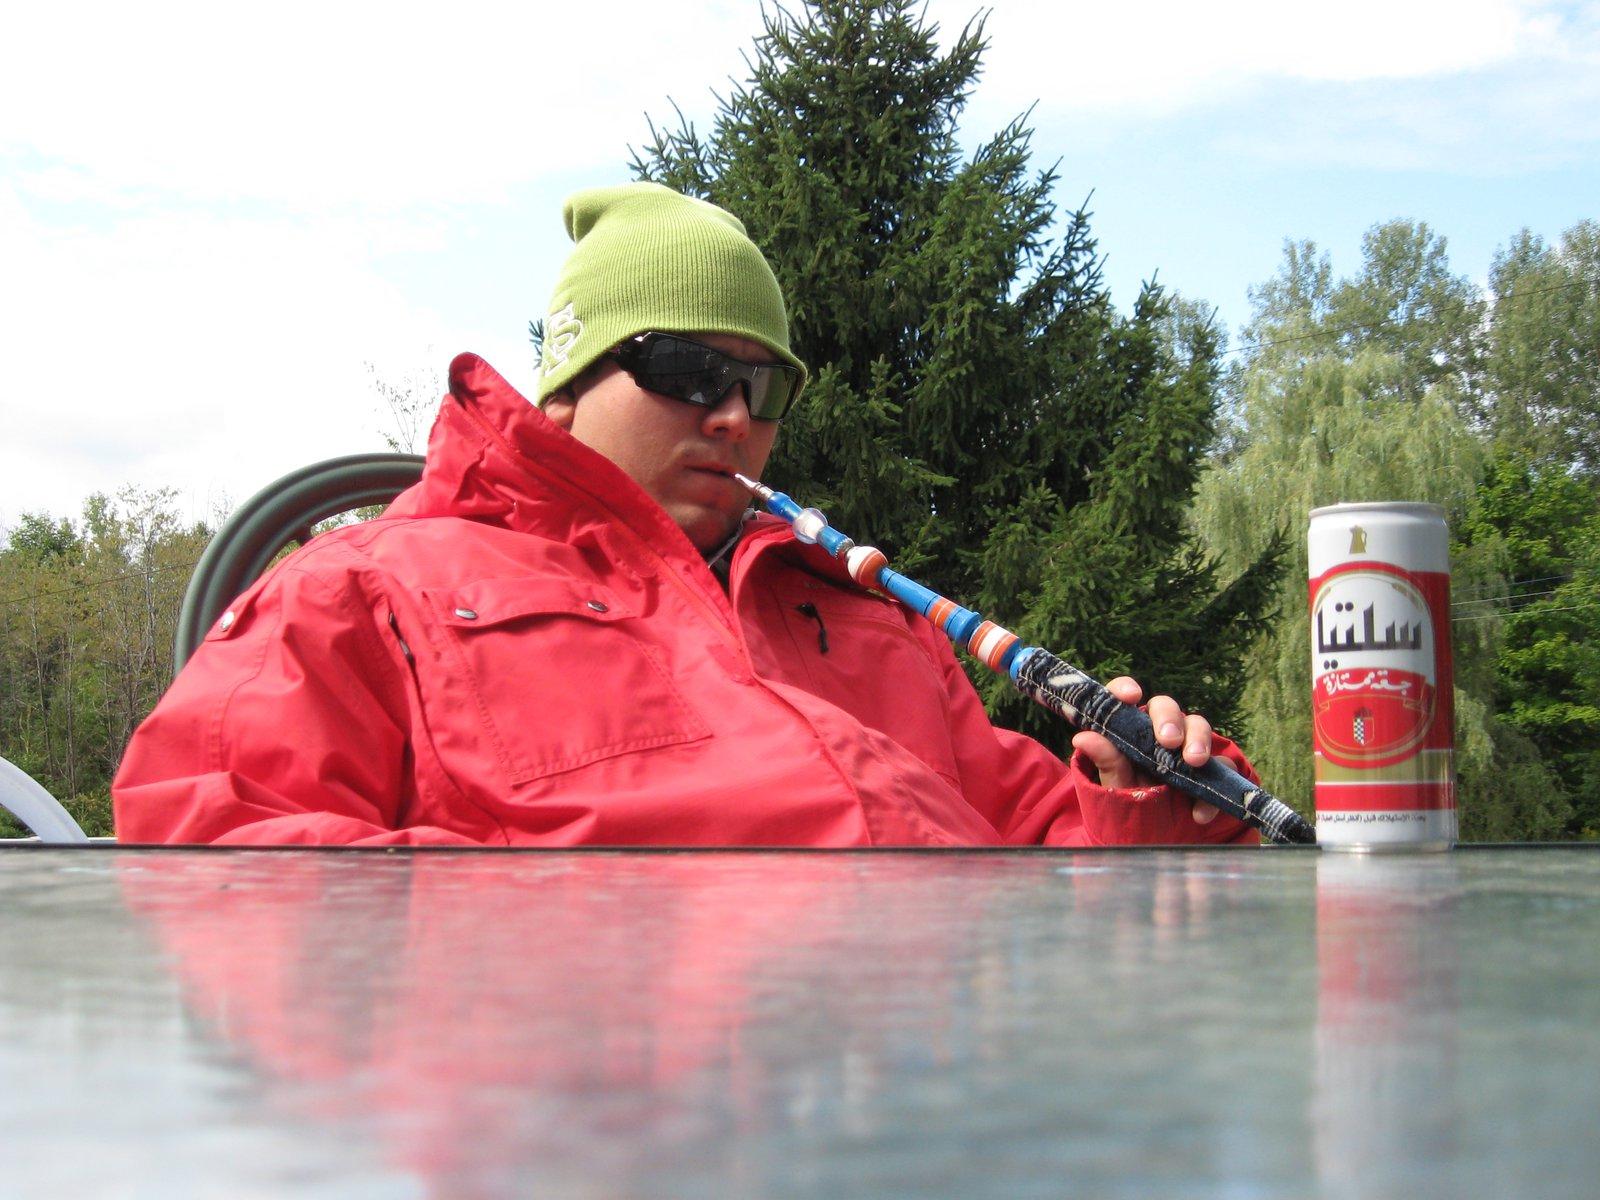 Me shisha and beer